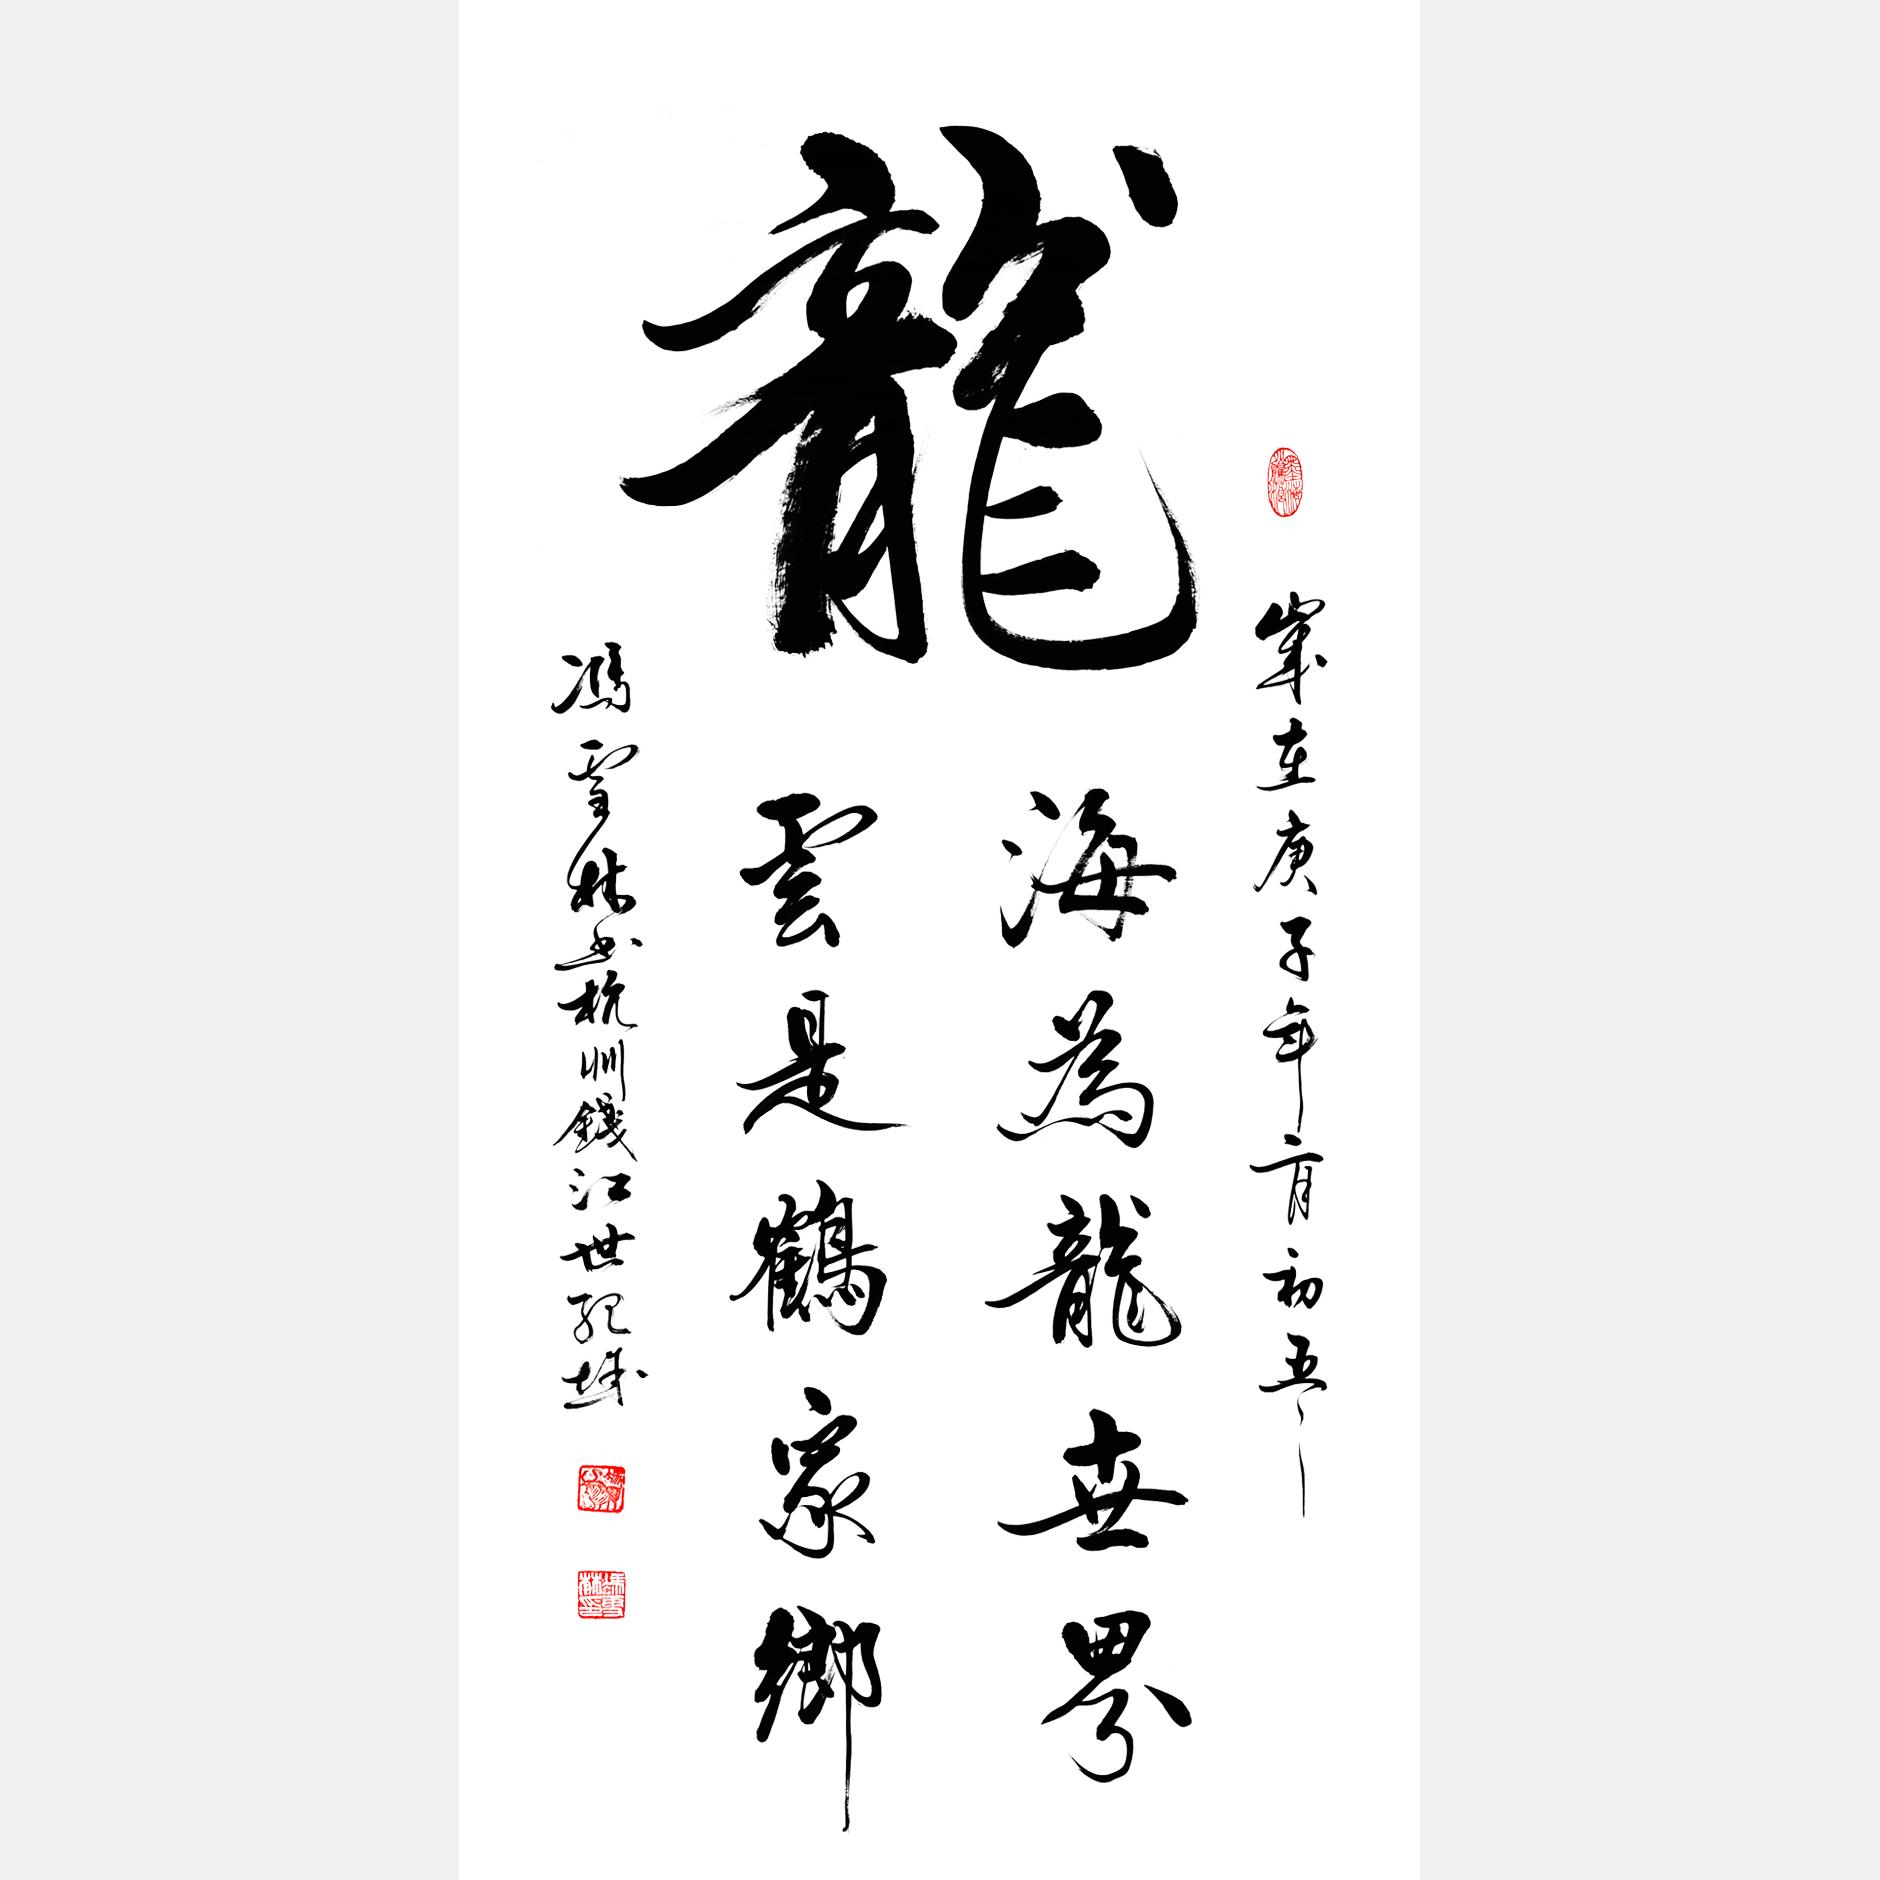 齐白石赠毛主席 海为龙世界云是鹤家乡书法作品 邓石如海为龙世界天是鹤家乡对联书法真迹